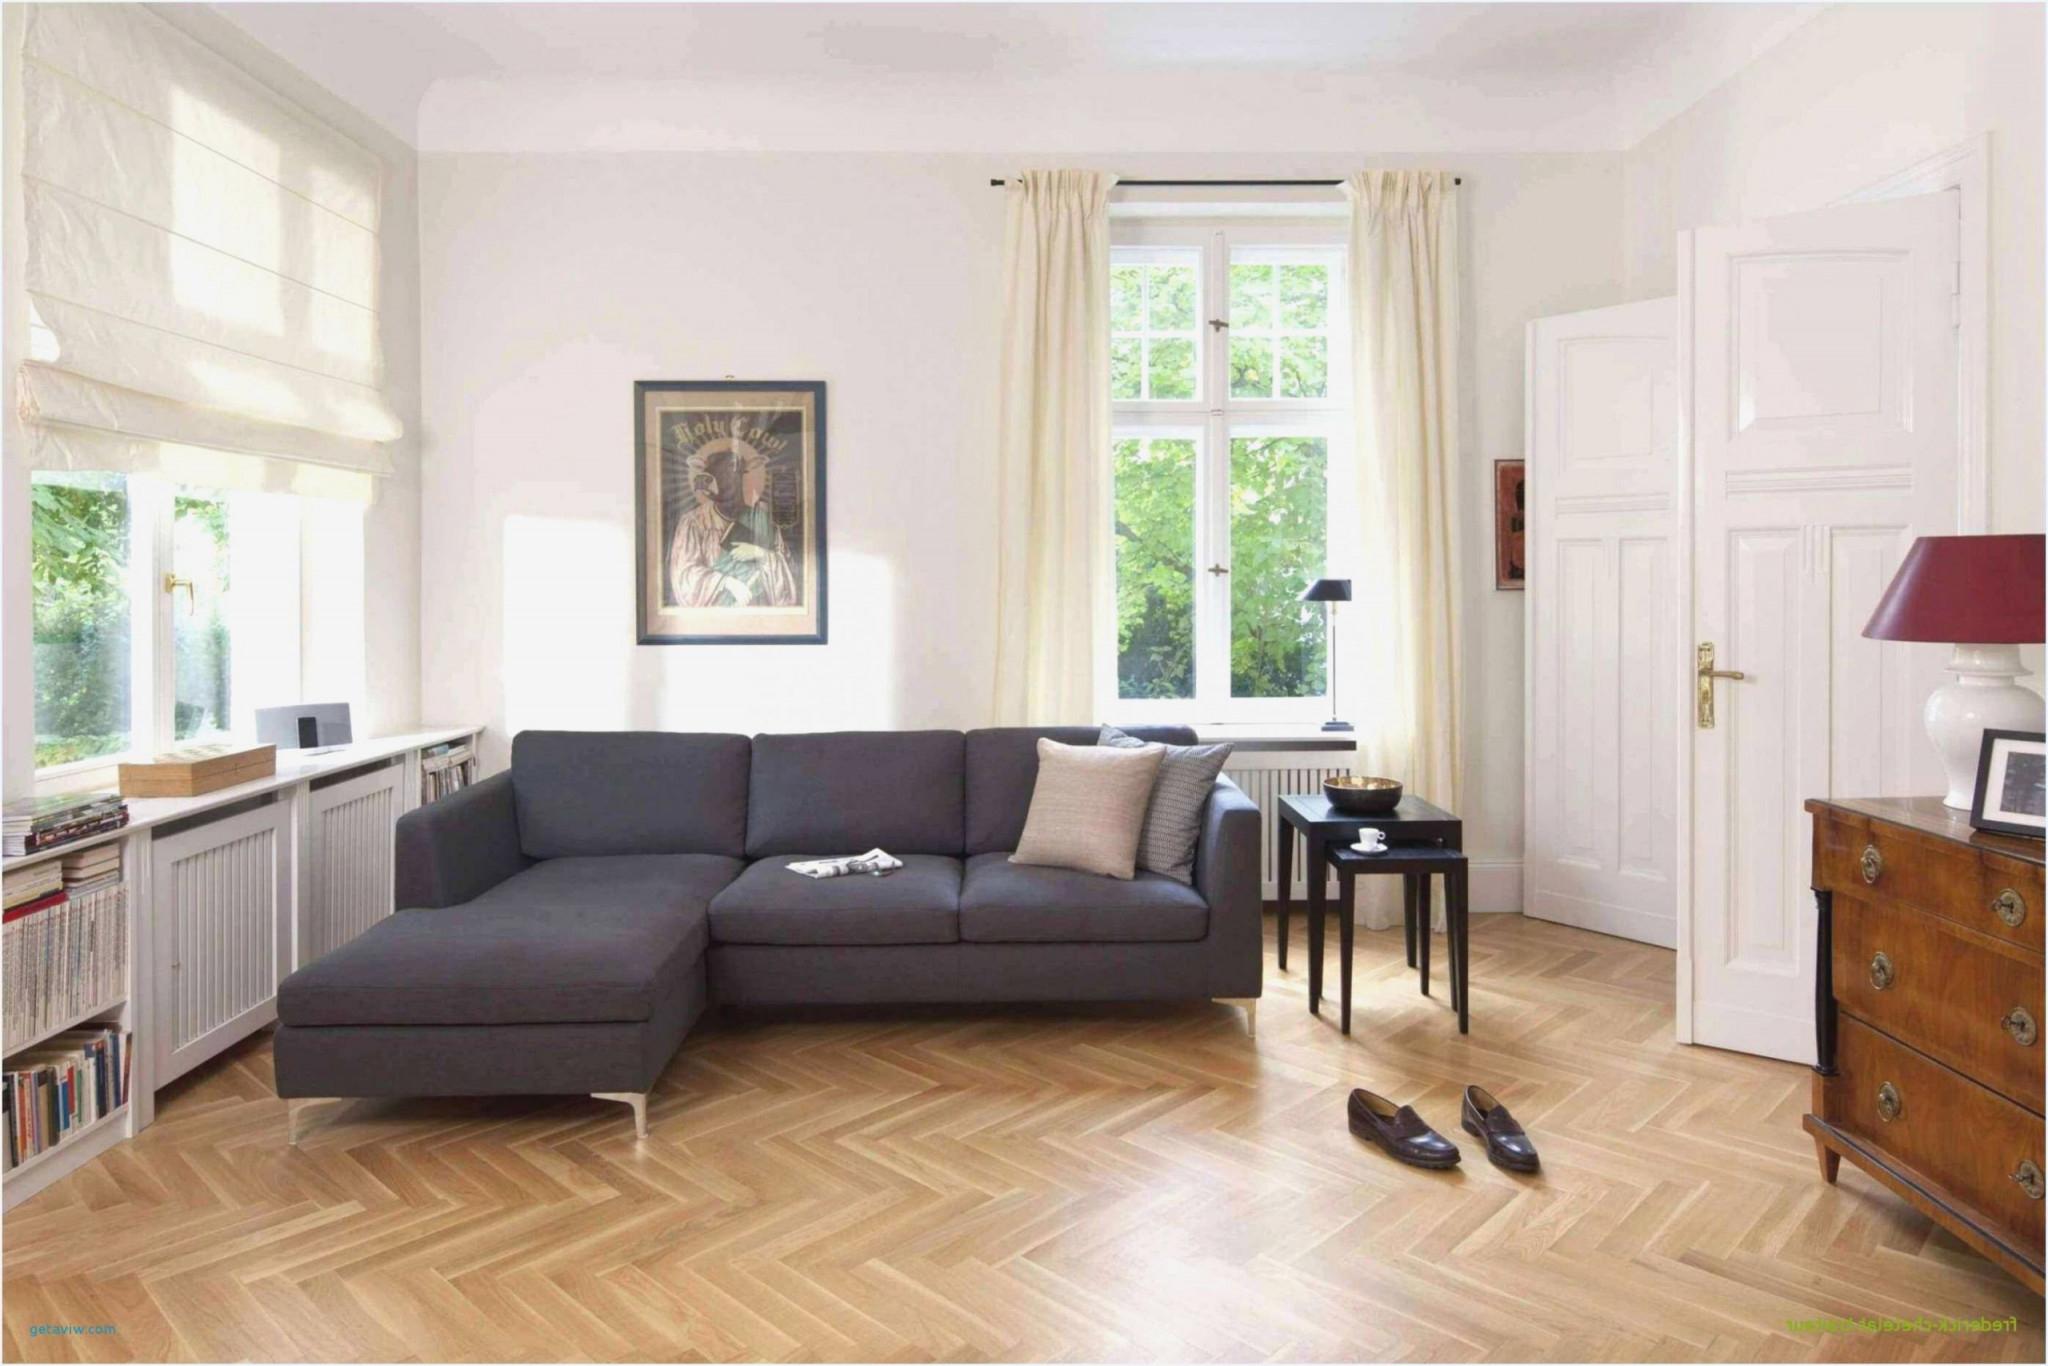 Schmales Wohnzimmer Ideen  Wohnzimmer  Traumhaus von Schmales Wohnzimmer Einrichten Photo